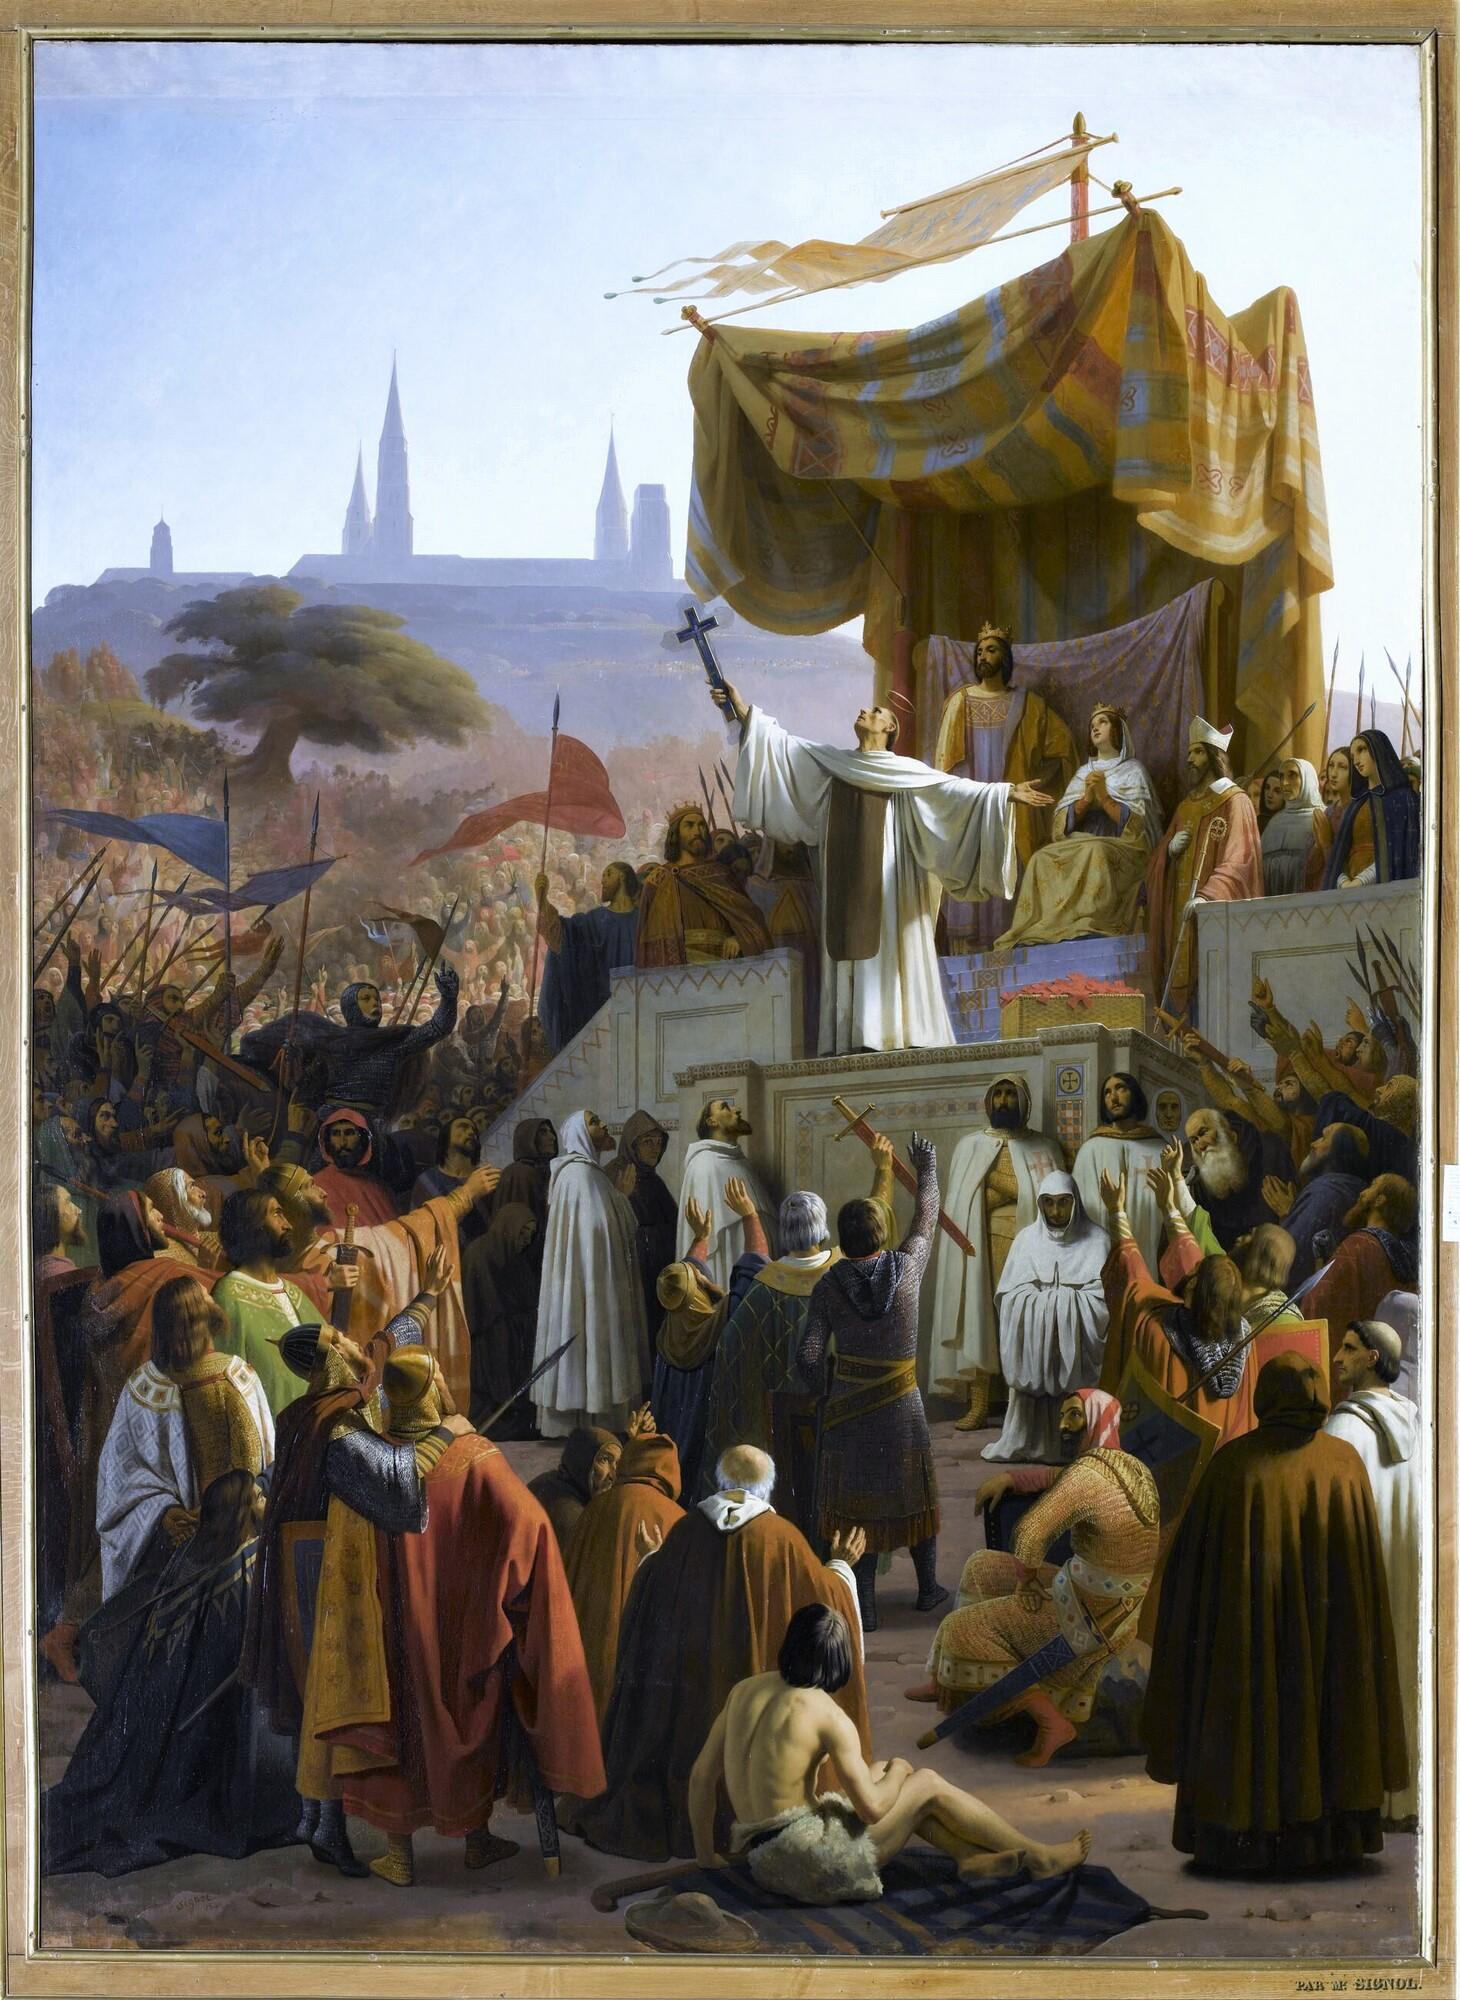 Prédication de la deuxième croisade à Vézelay, 31 mars 1146. Peintre : Émile Signol.